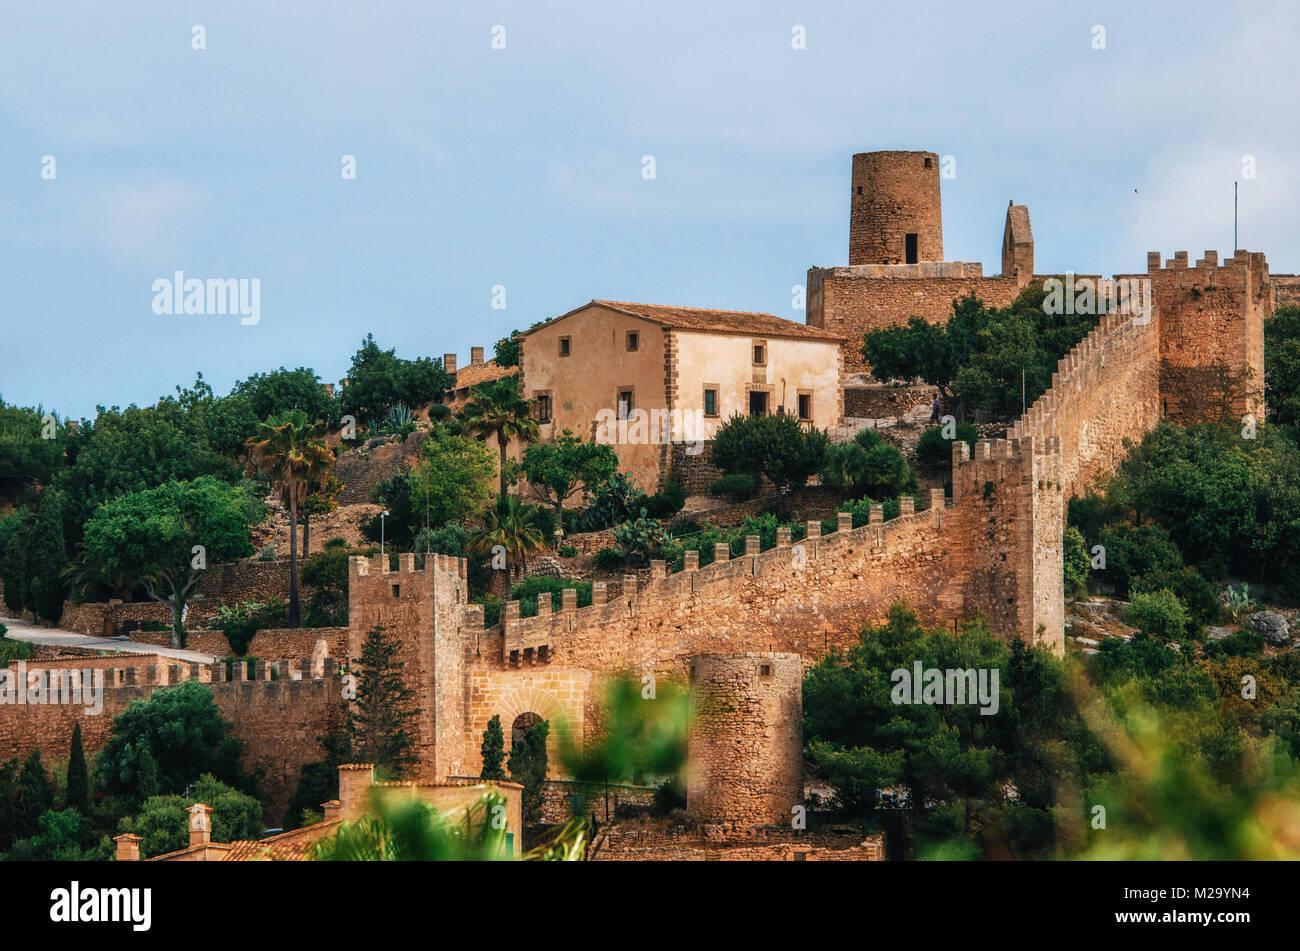 El castillo de Capdepera, en la verde colina en la isla de Mallorca, España. Hermoso paisaje con arquitectura medieval en Mallorca Foto de stock